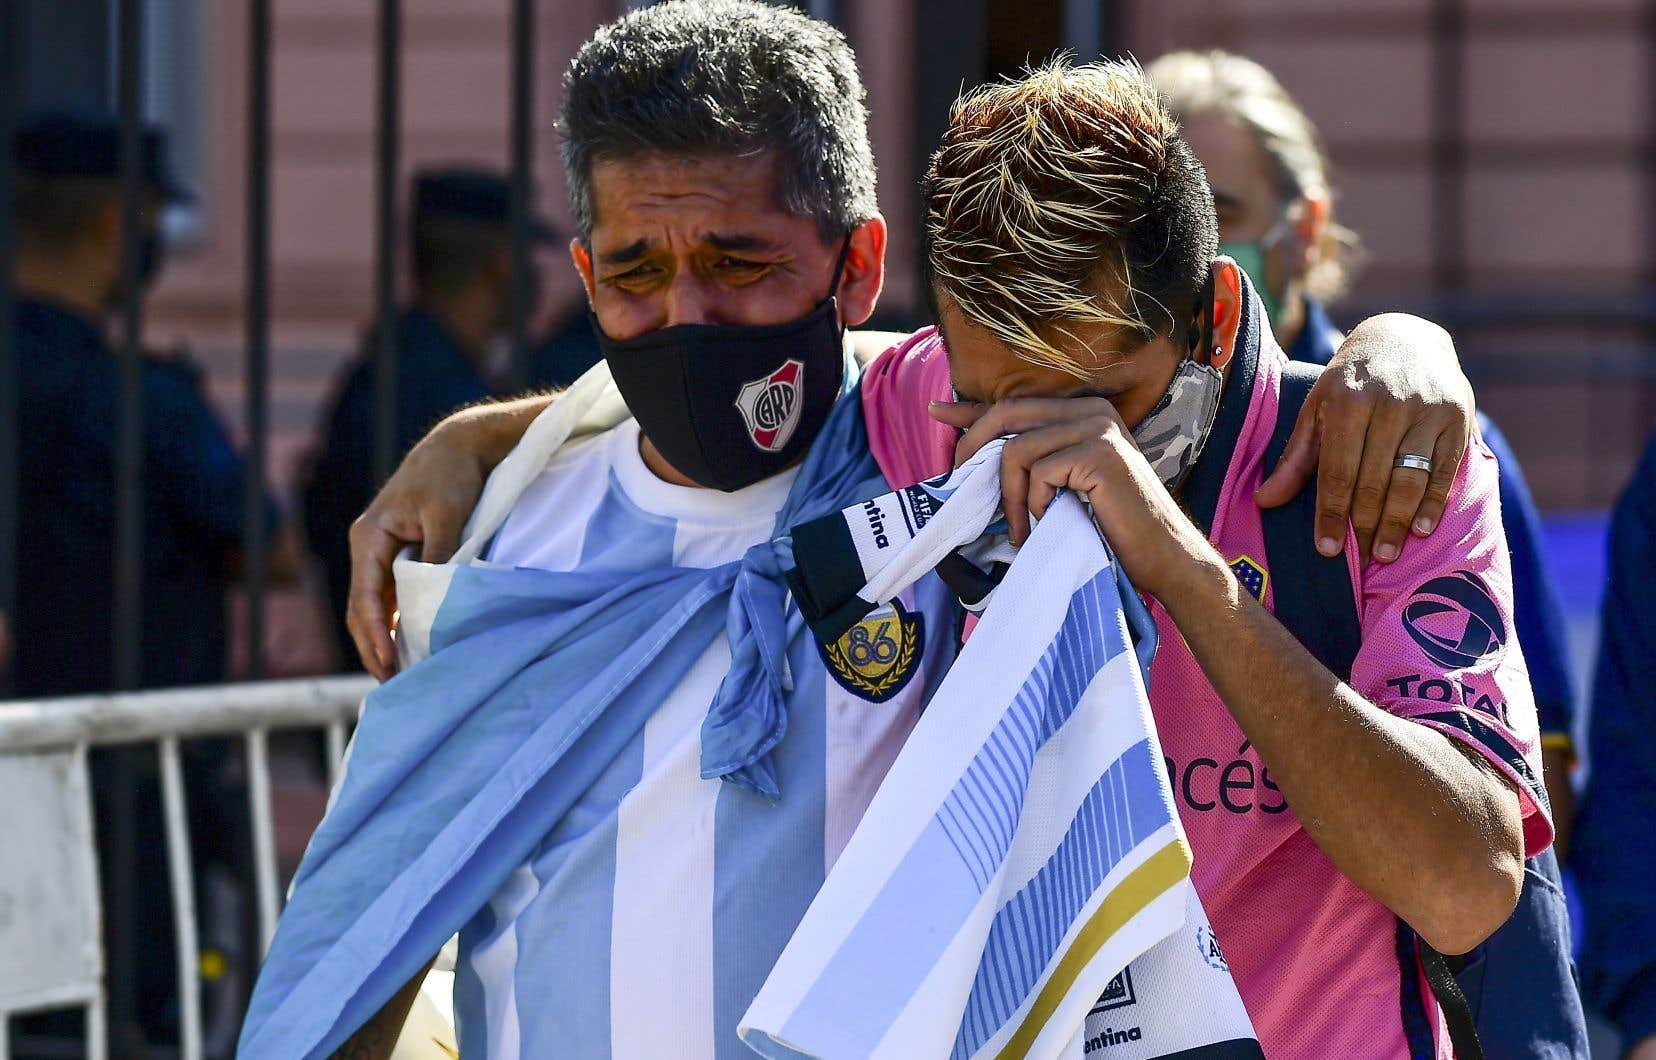 Des fans endeuillés attendaient, jeudi, à l'extérieur de la Casa Rosada, à Buenos Aires, pour rendre hommage à leur idole.